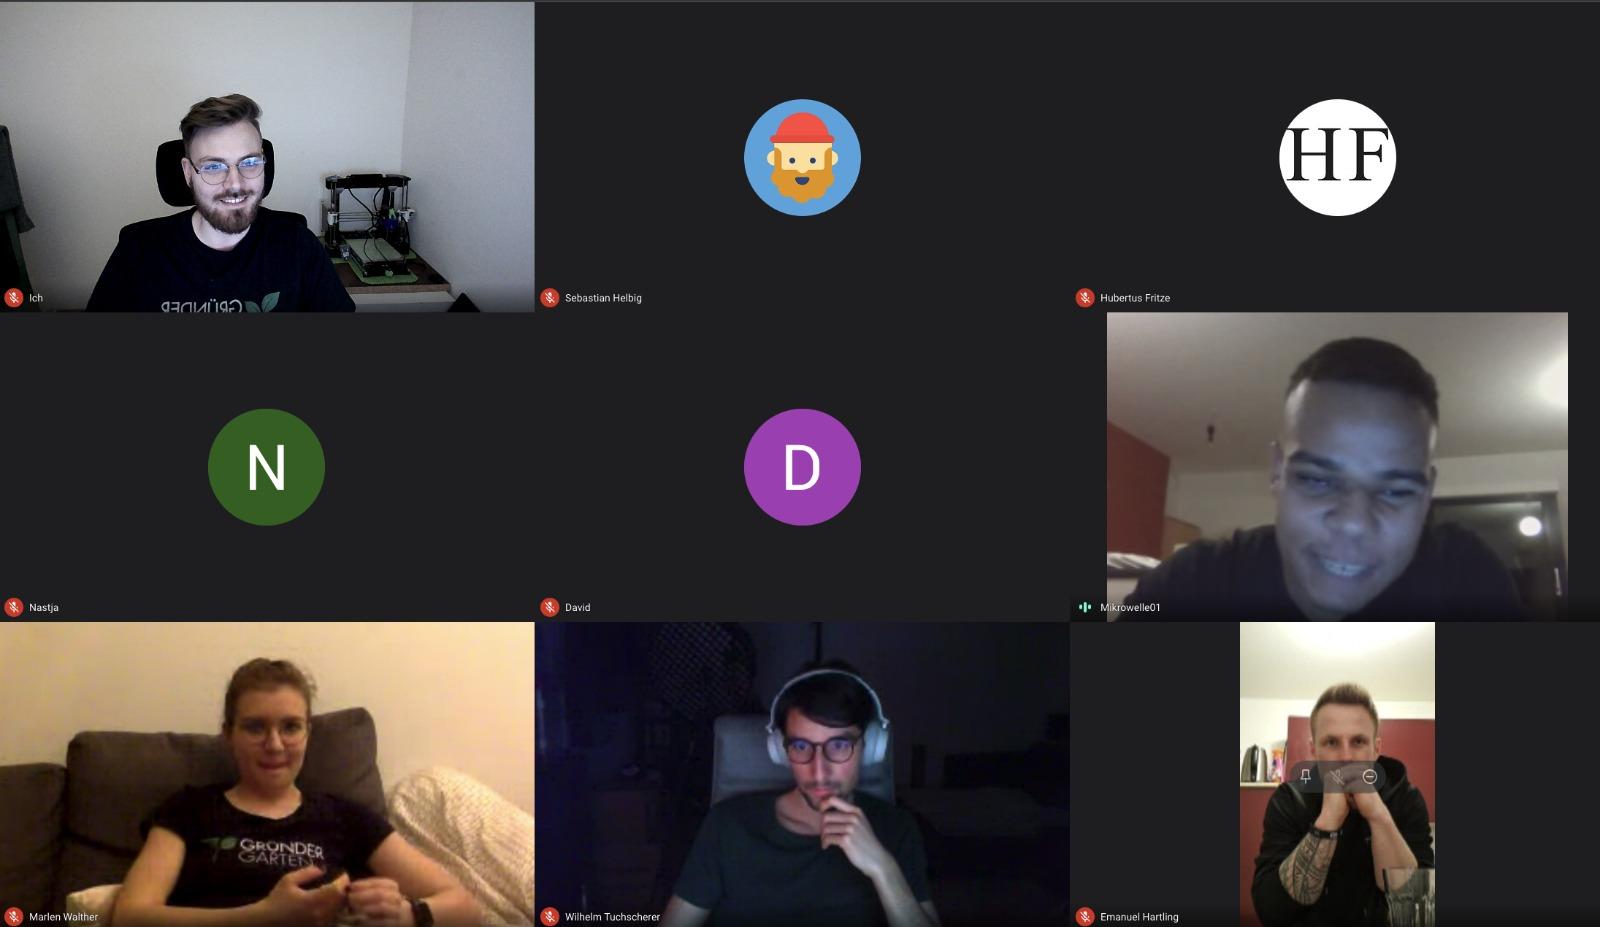 9 Personen in einer Video-Konferenz